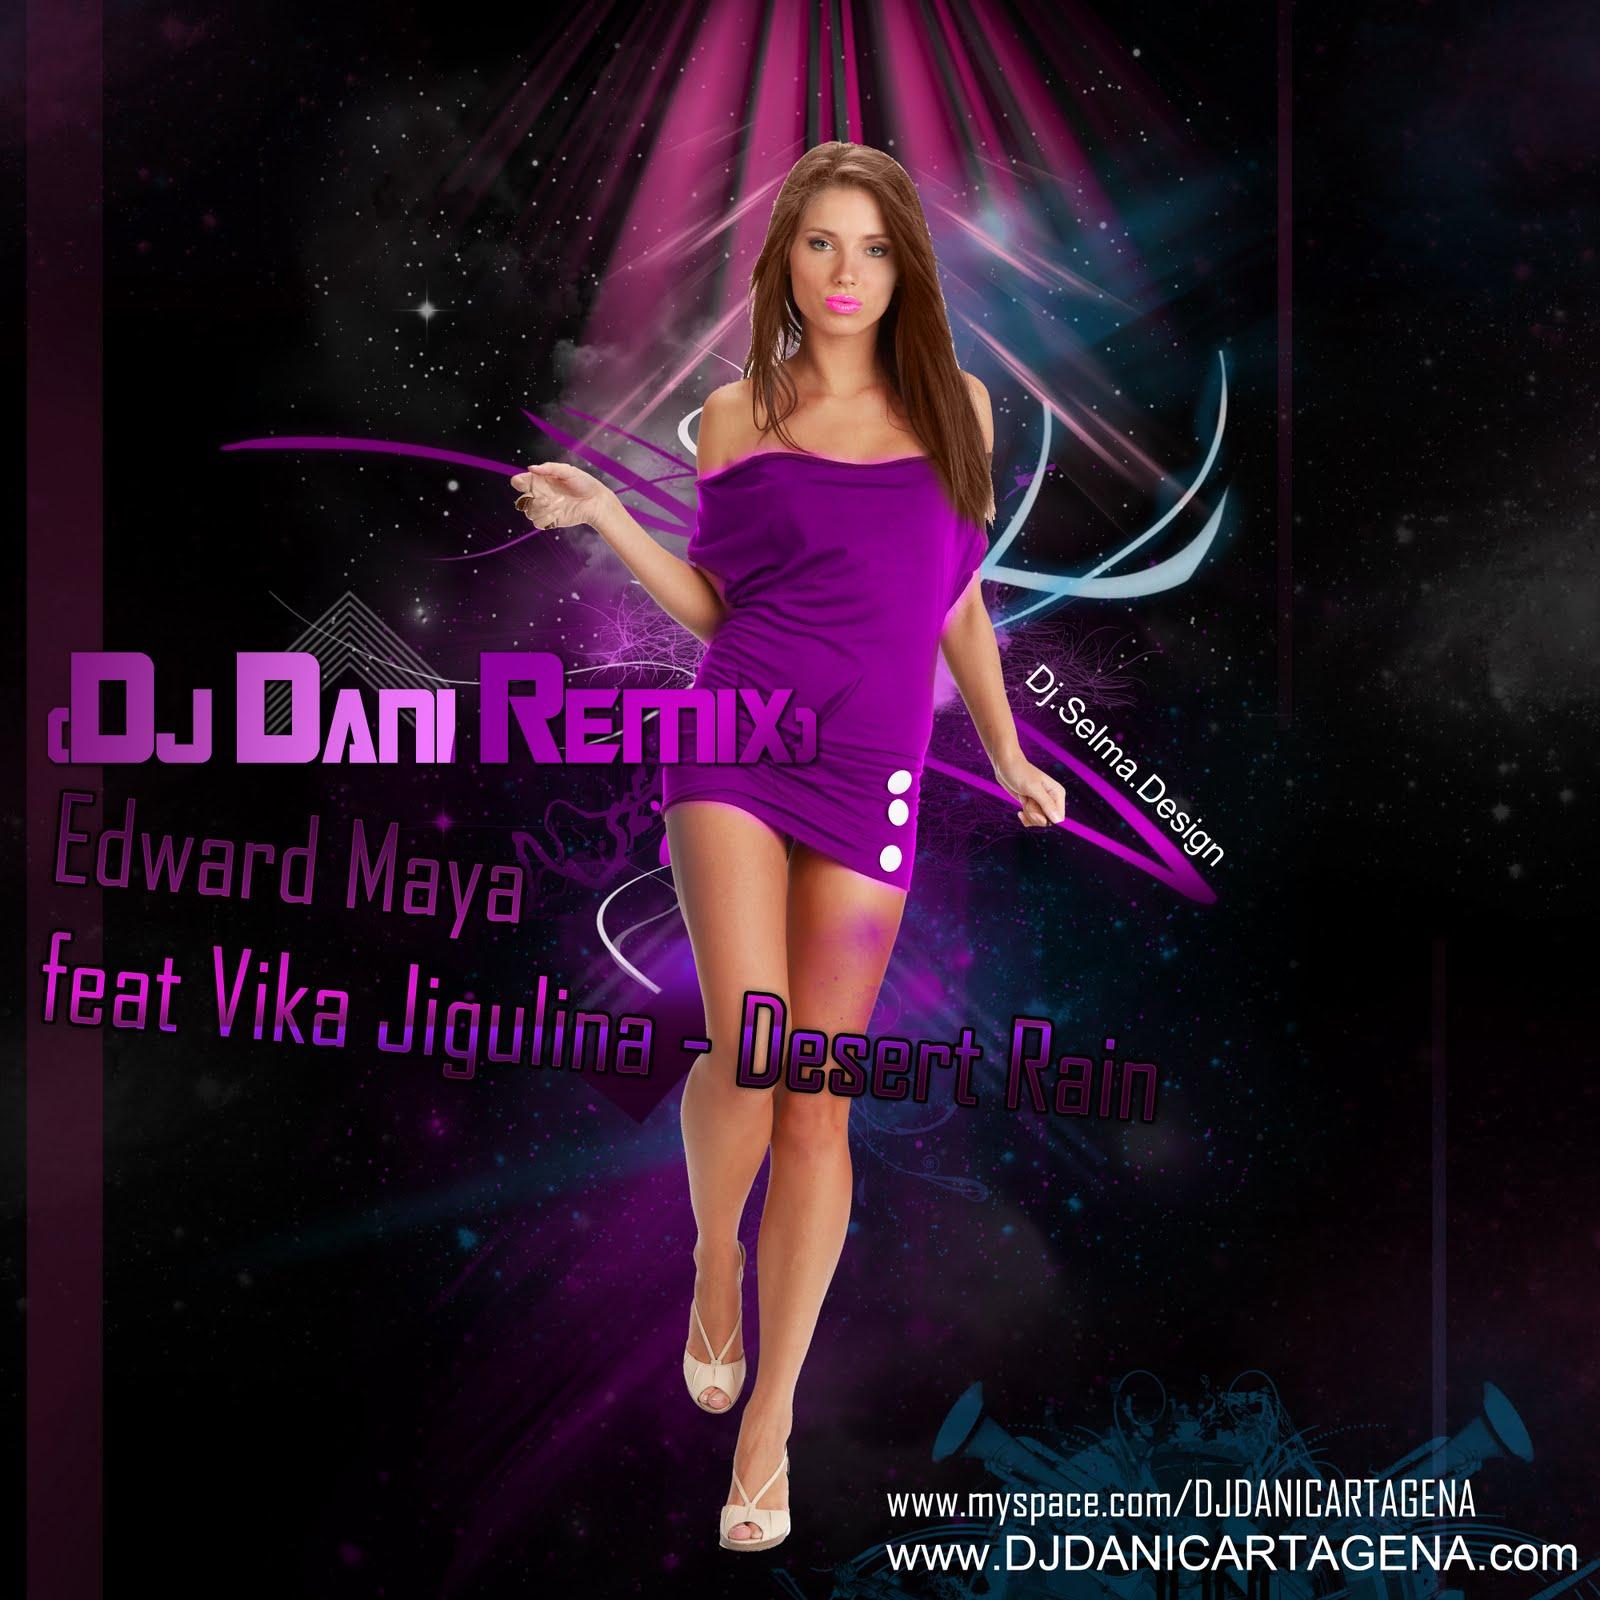 Edward Maya Feat Vika Jigulina - Desert Rain (Dj Dani Remix)